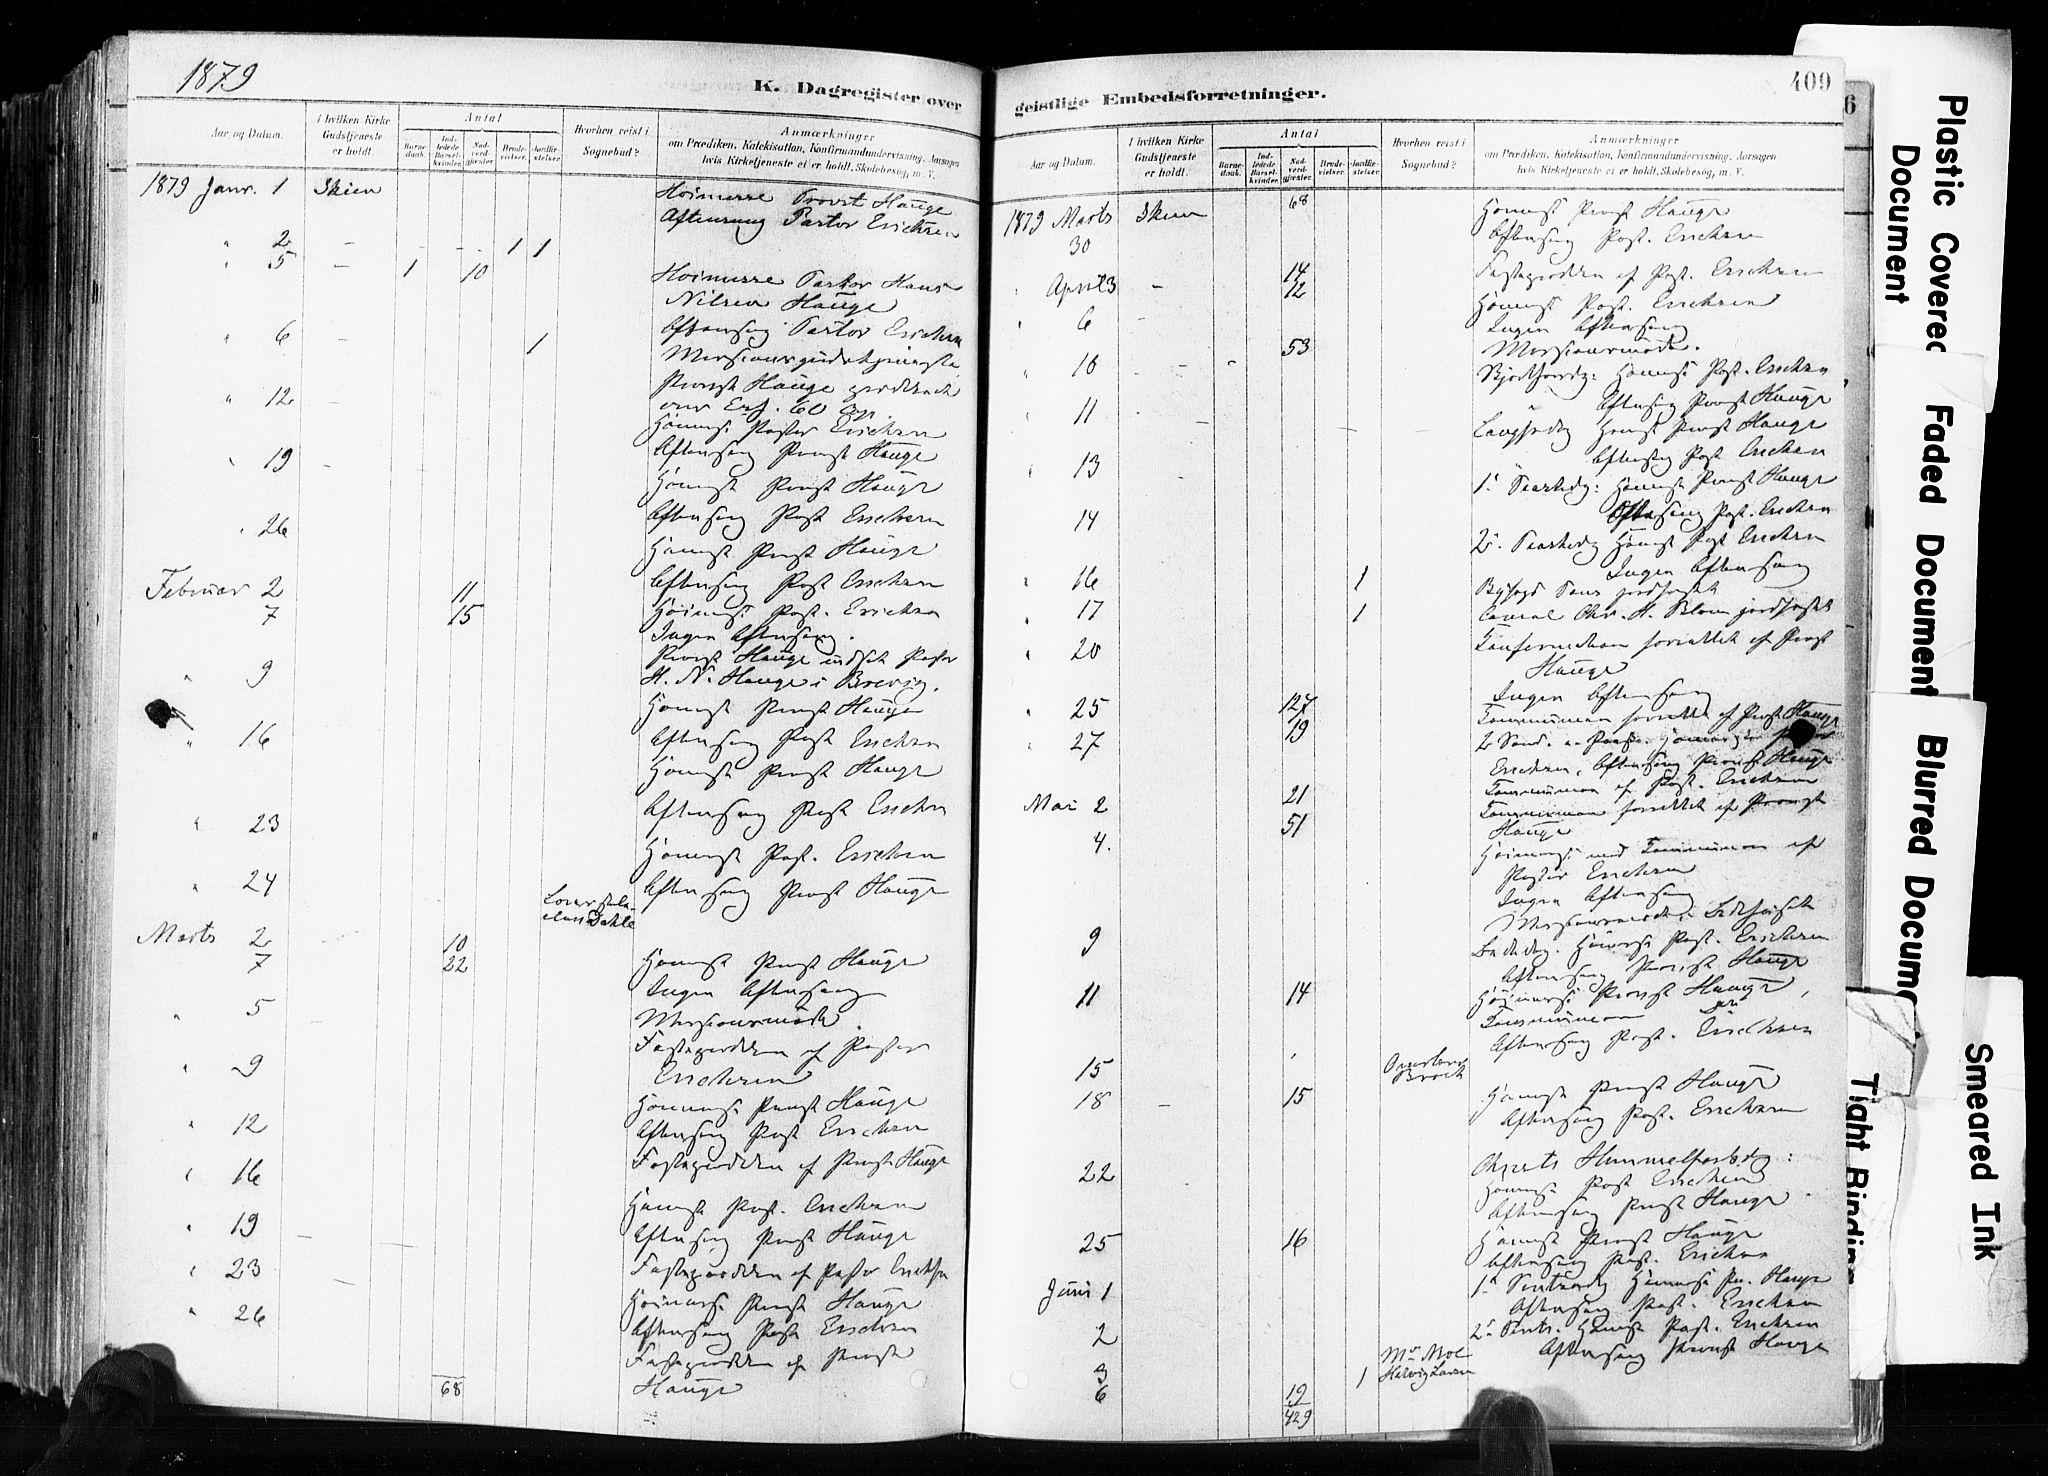 SAKO, Skien kirkebøker, F/Fa/L0009: Ministerialbok nr. 9, 1878-1890, s. 409